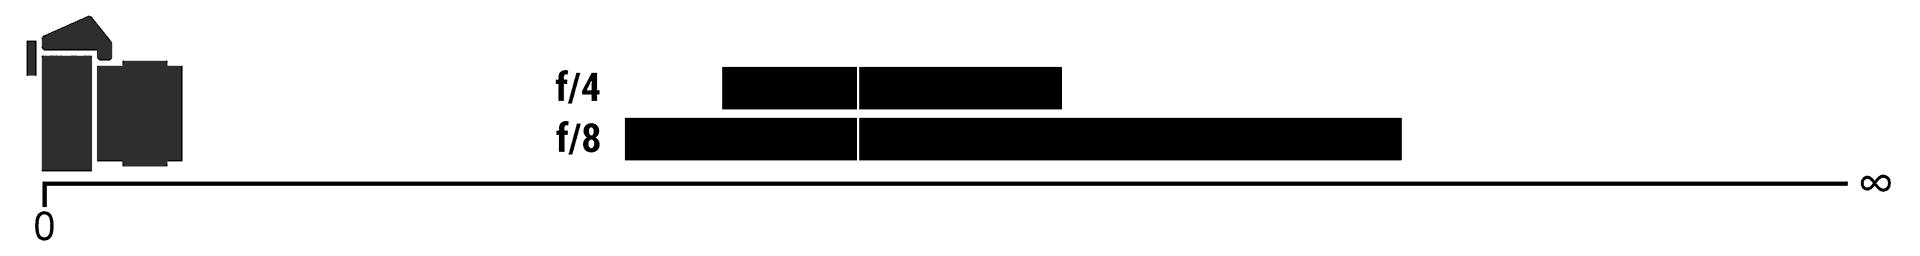 Variation de la profondeur de champ en fonction de l'ouverture.